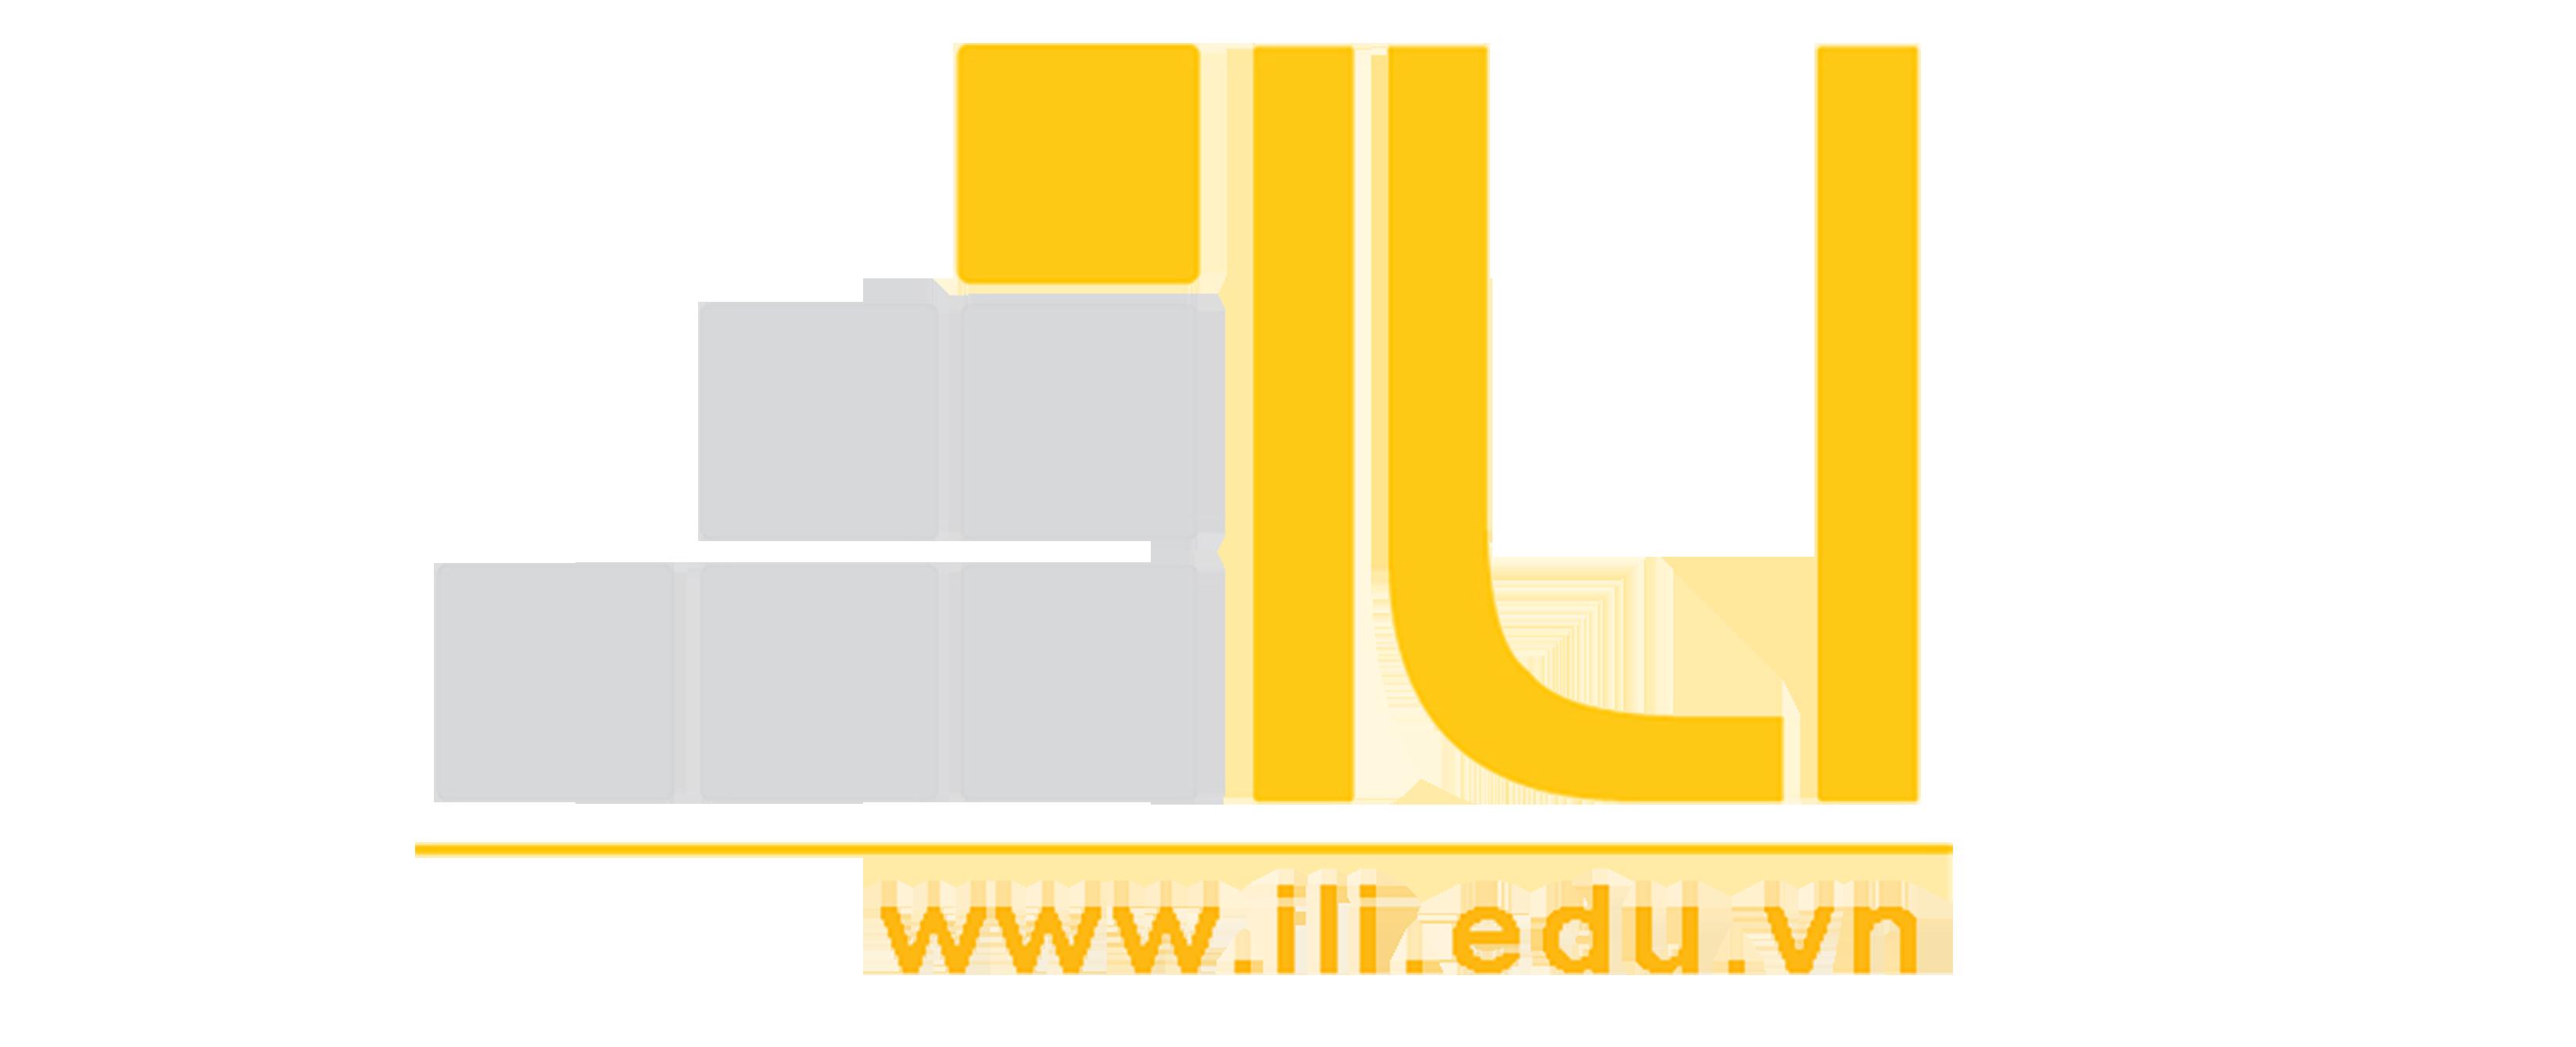 Phương pháp học tiếng anh để đạt điểm IELTS cao nhất?